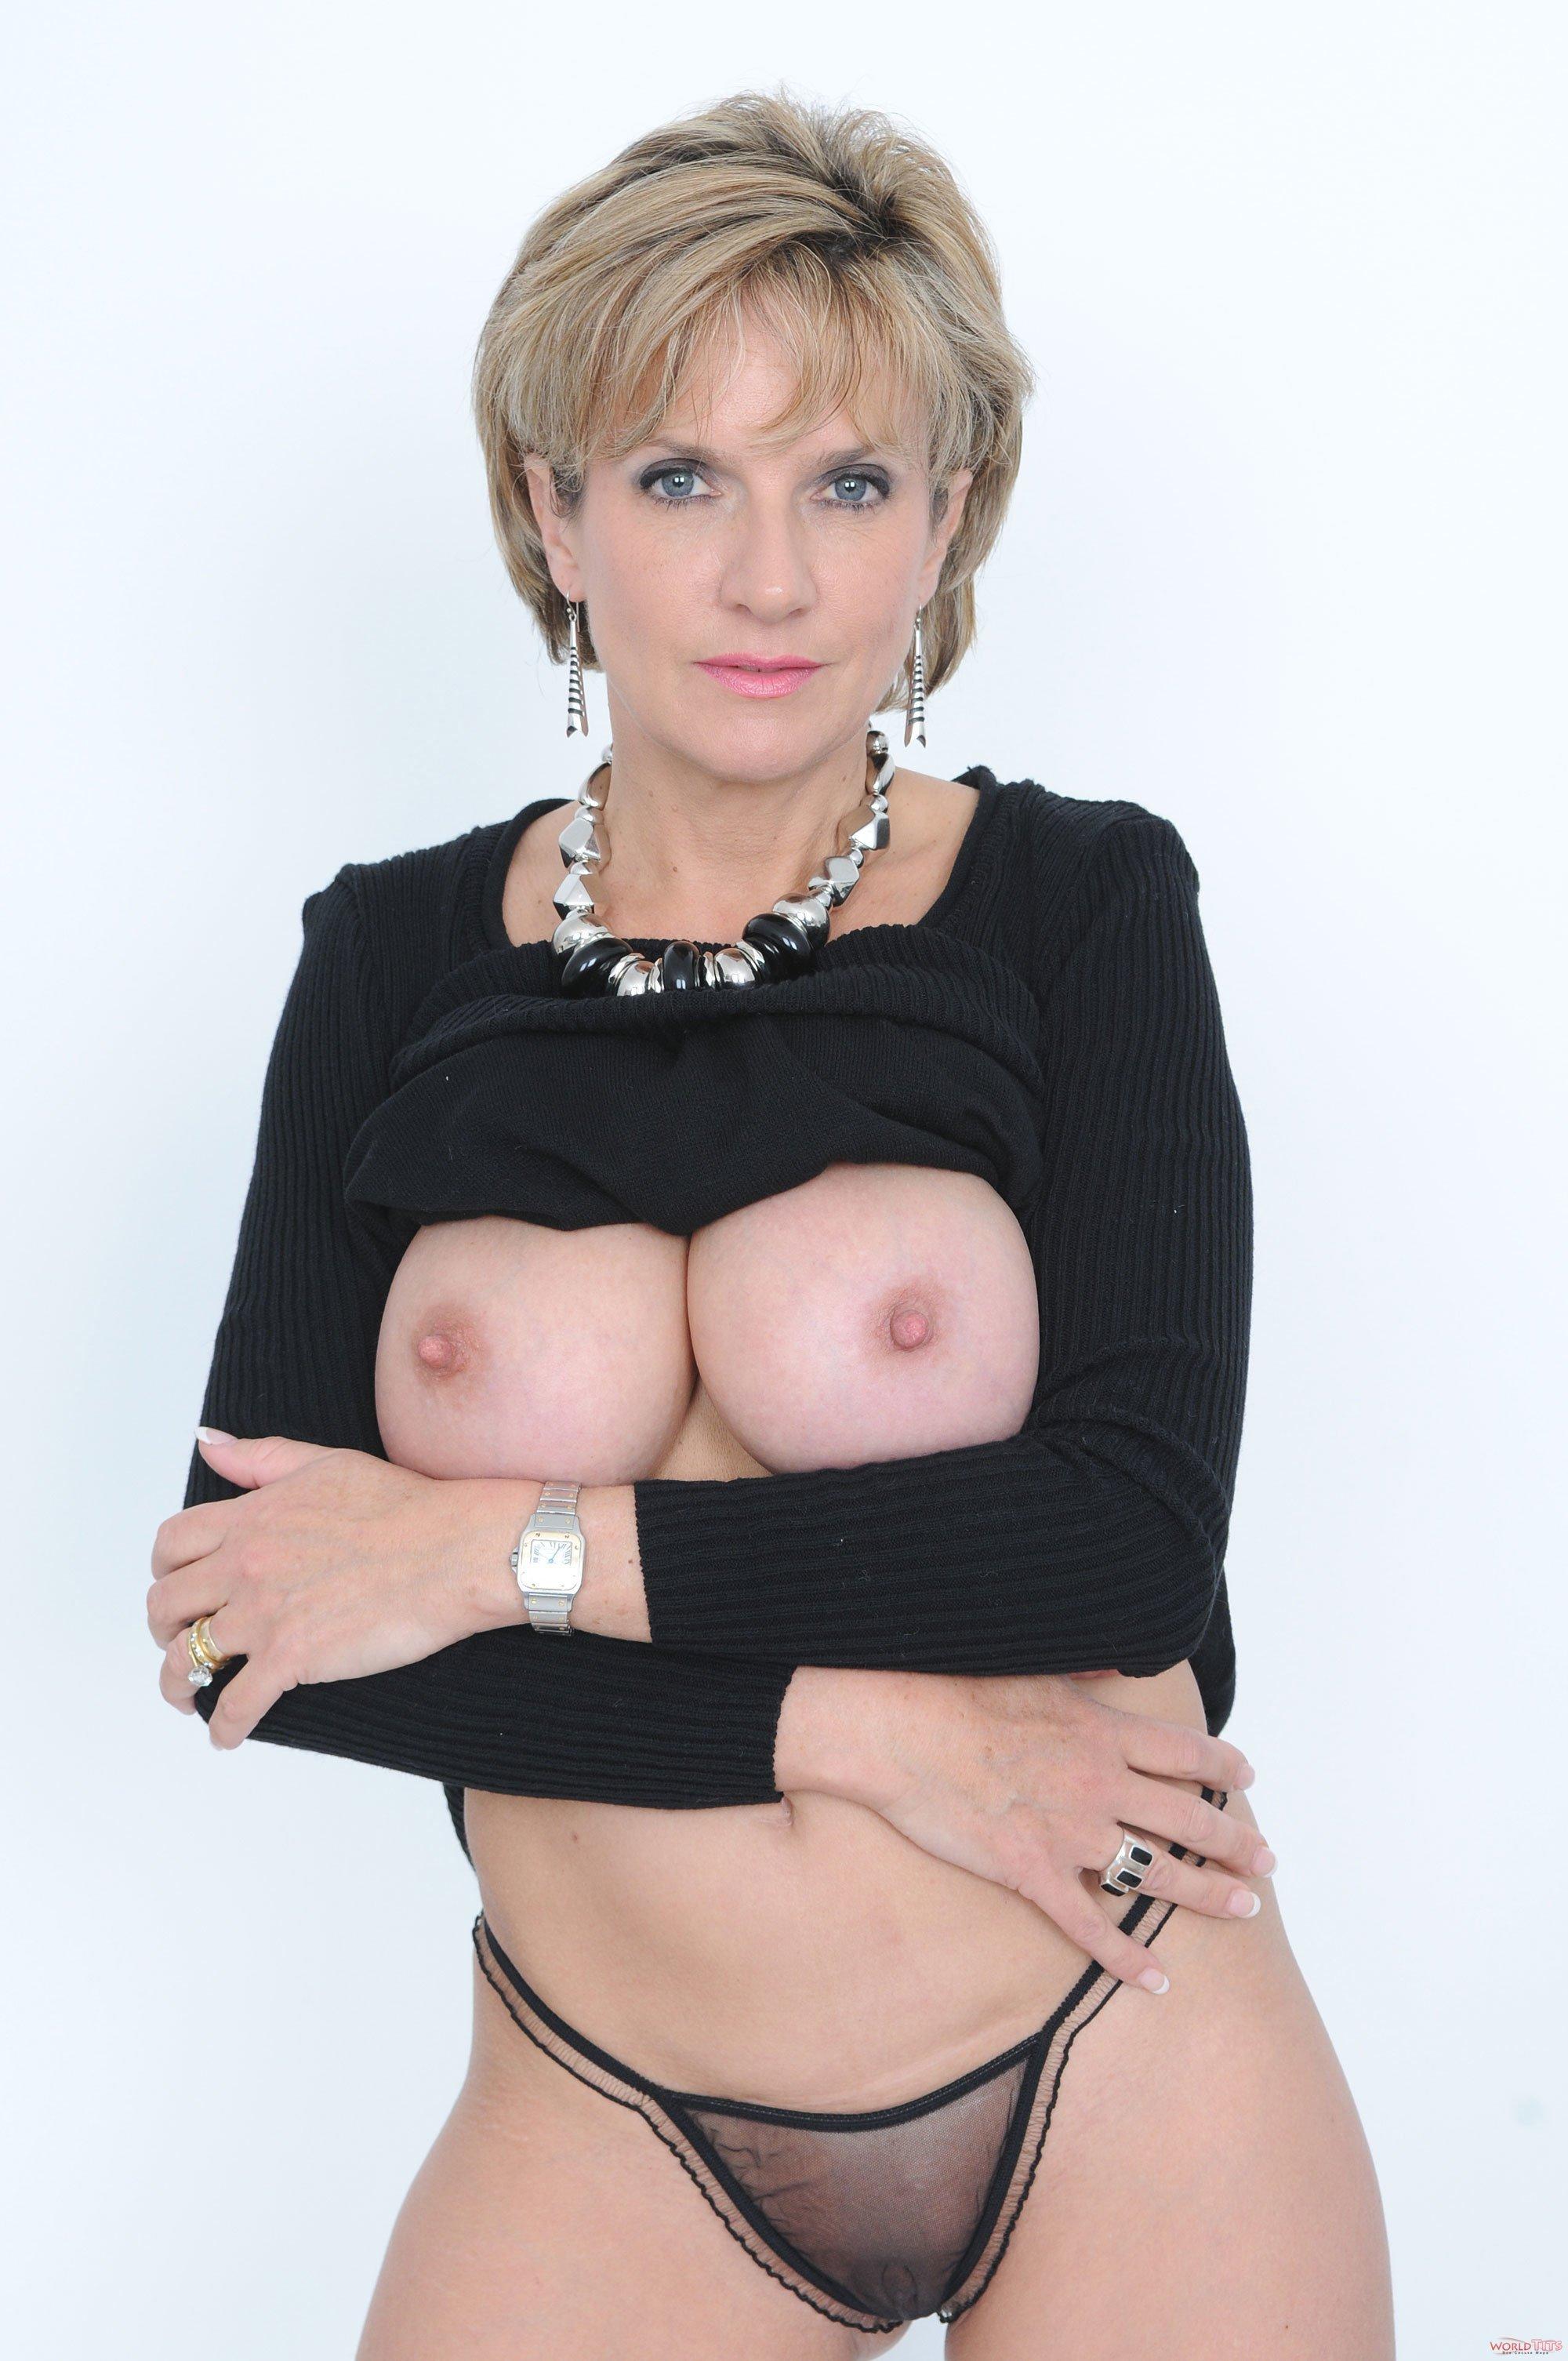 Тетки бальзаковского возраста в порно 14 фотография